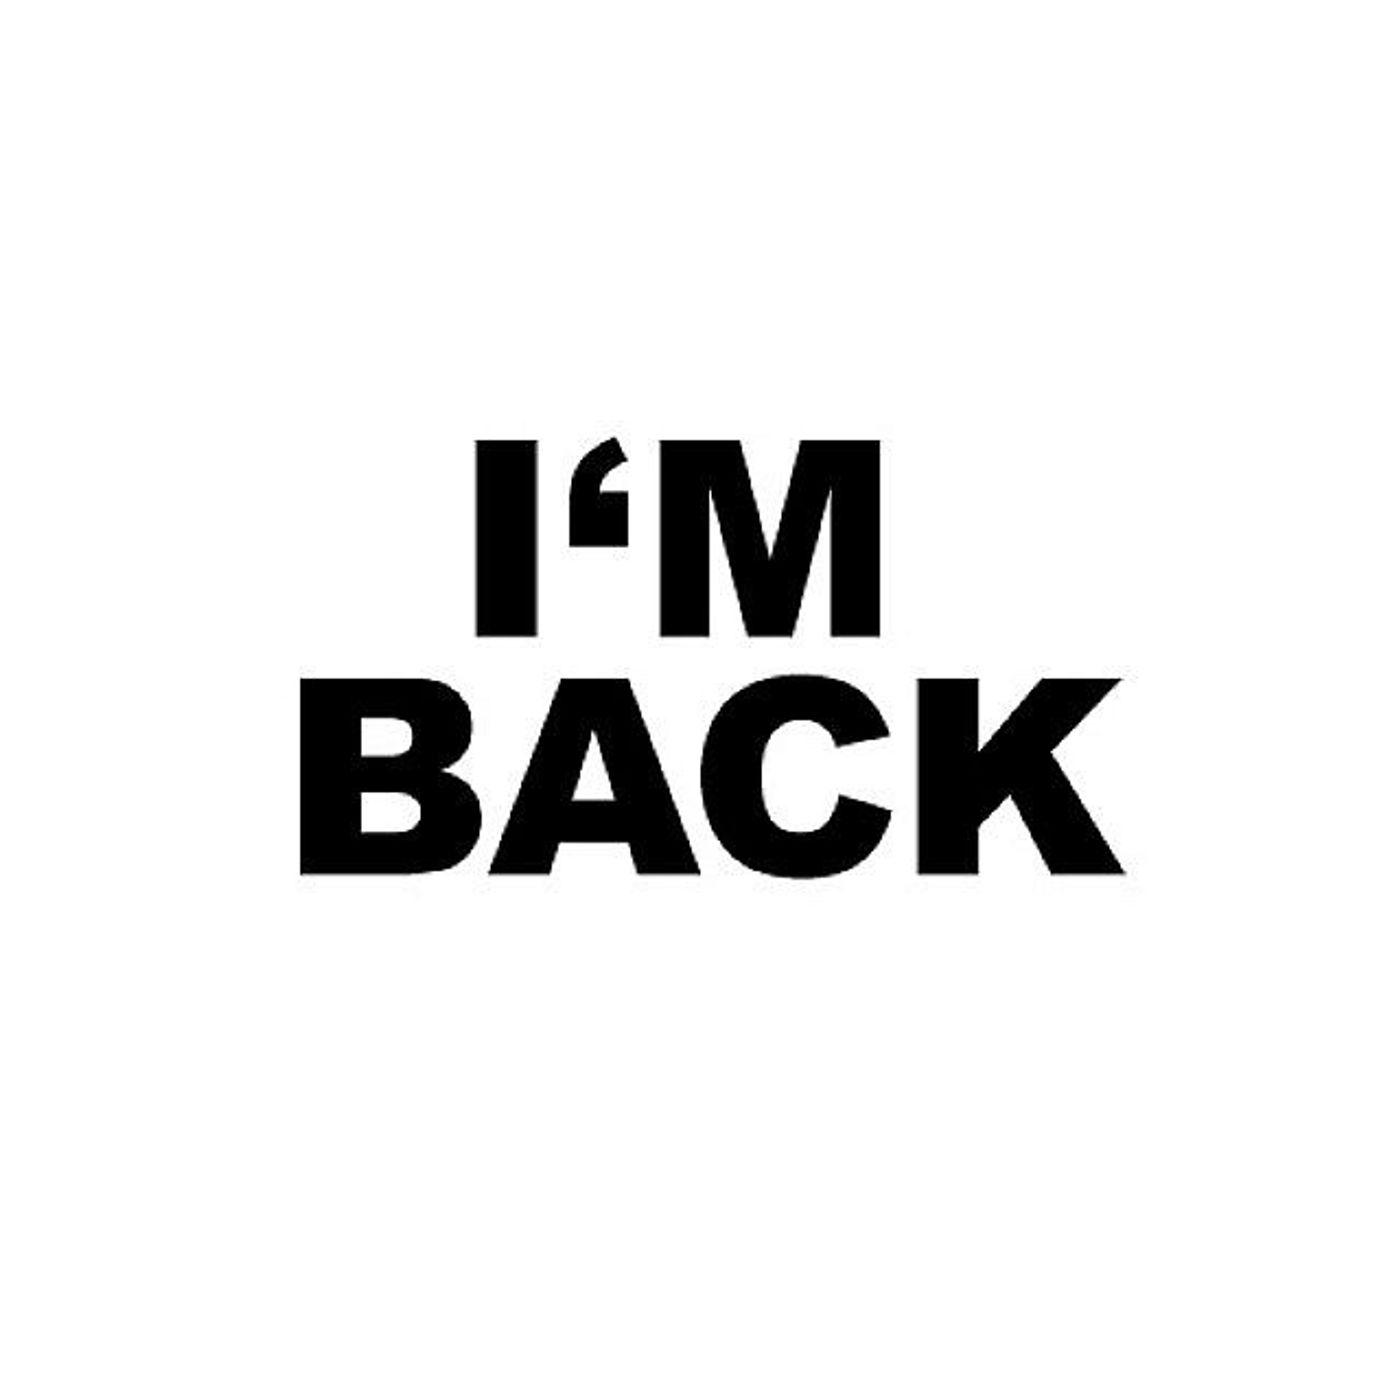 Episode 170 - I'm Back